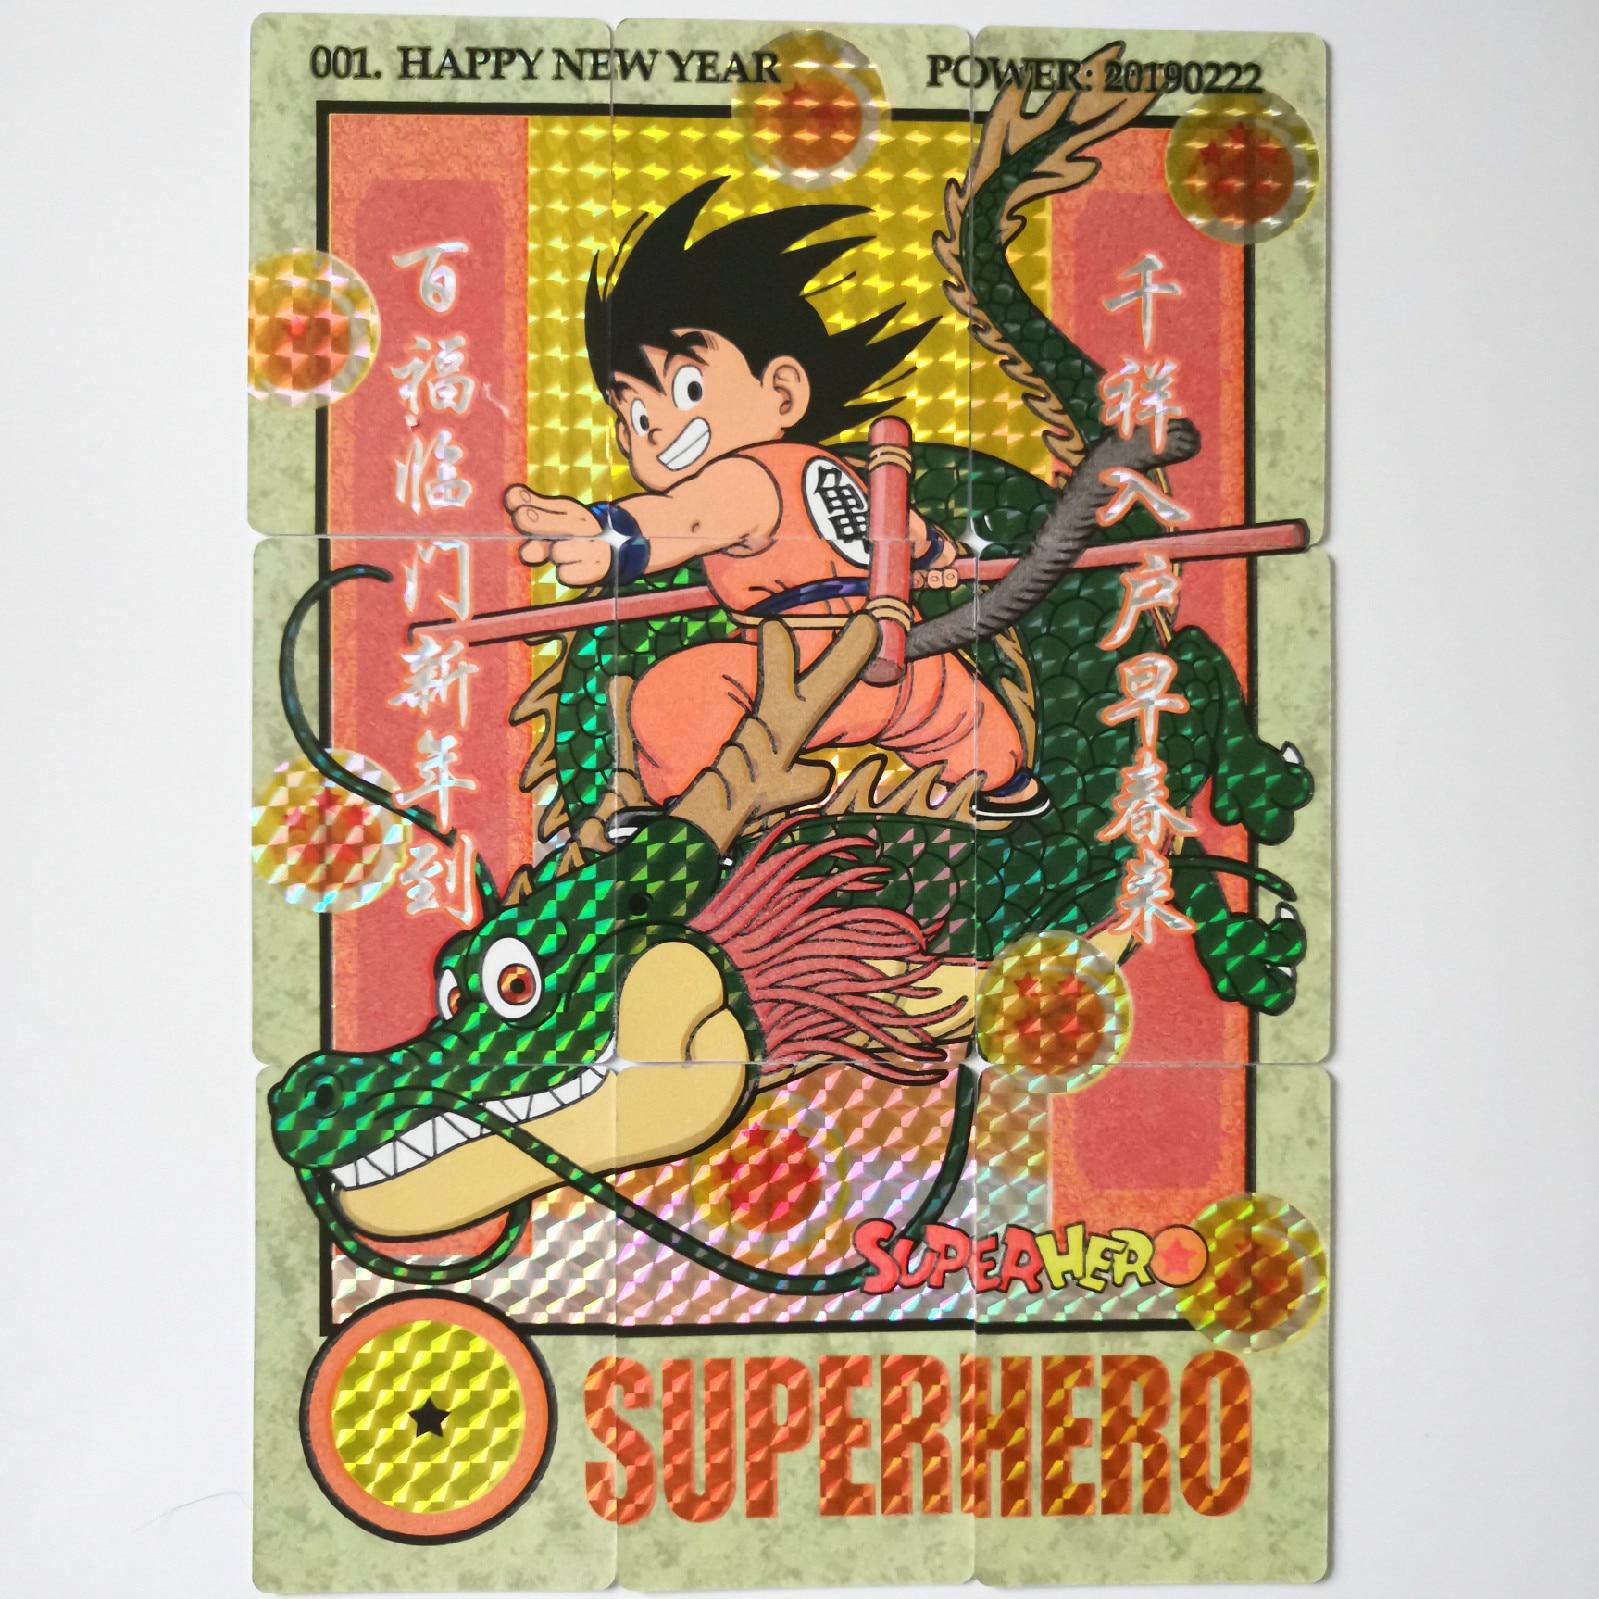 10 Teile/satz Super Dragon Ball Z Heroes Schlacht Karte Neue Jahr Goku Luminous Super Spiel Sammlung Karten